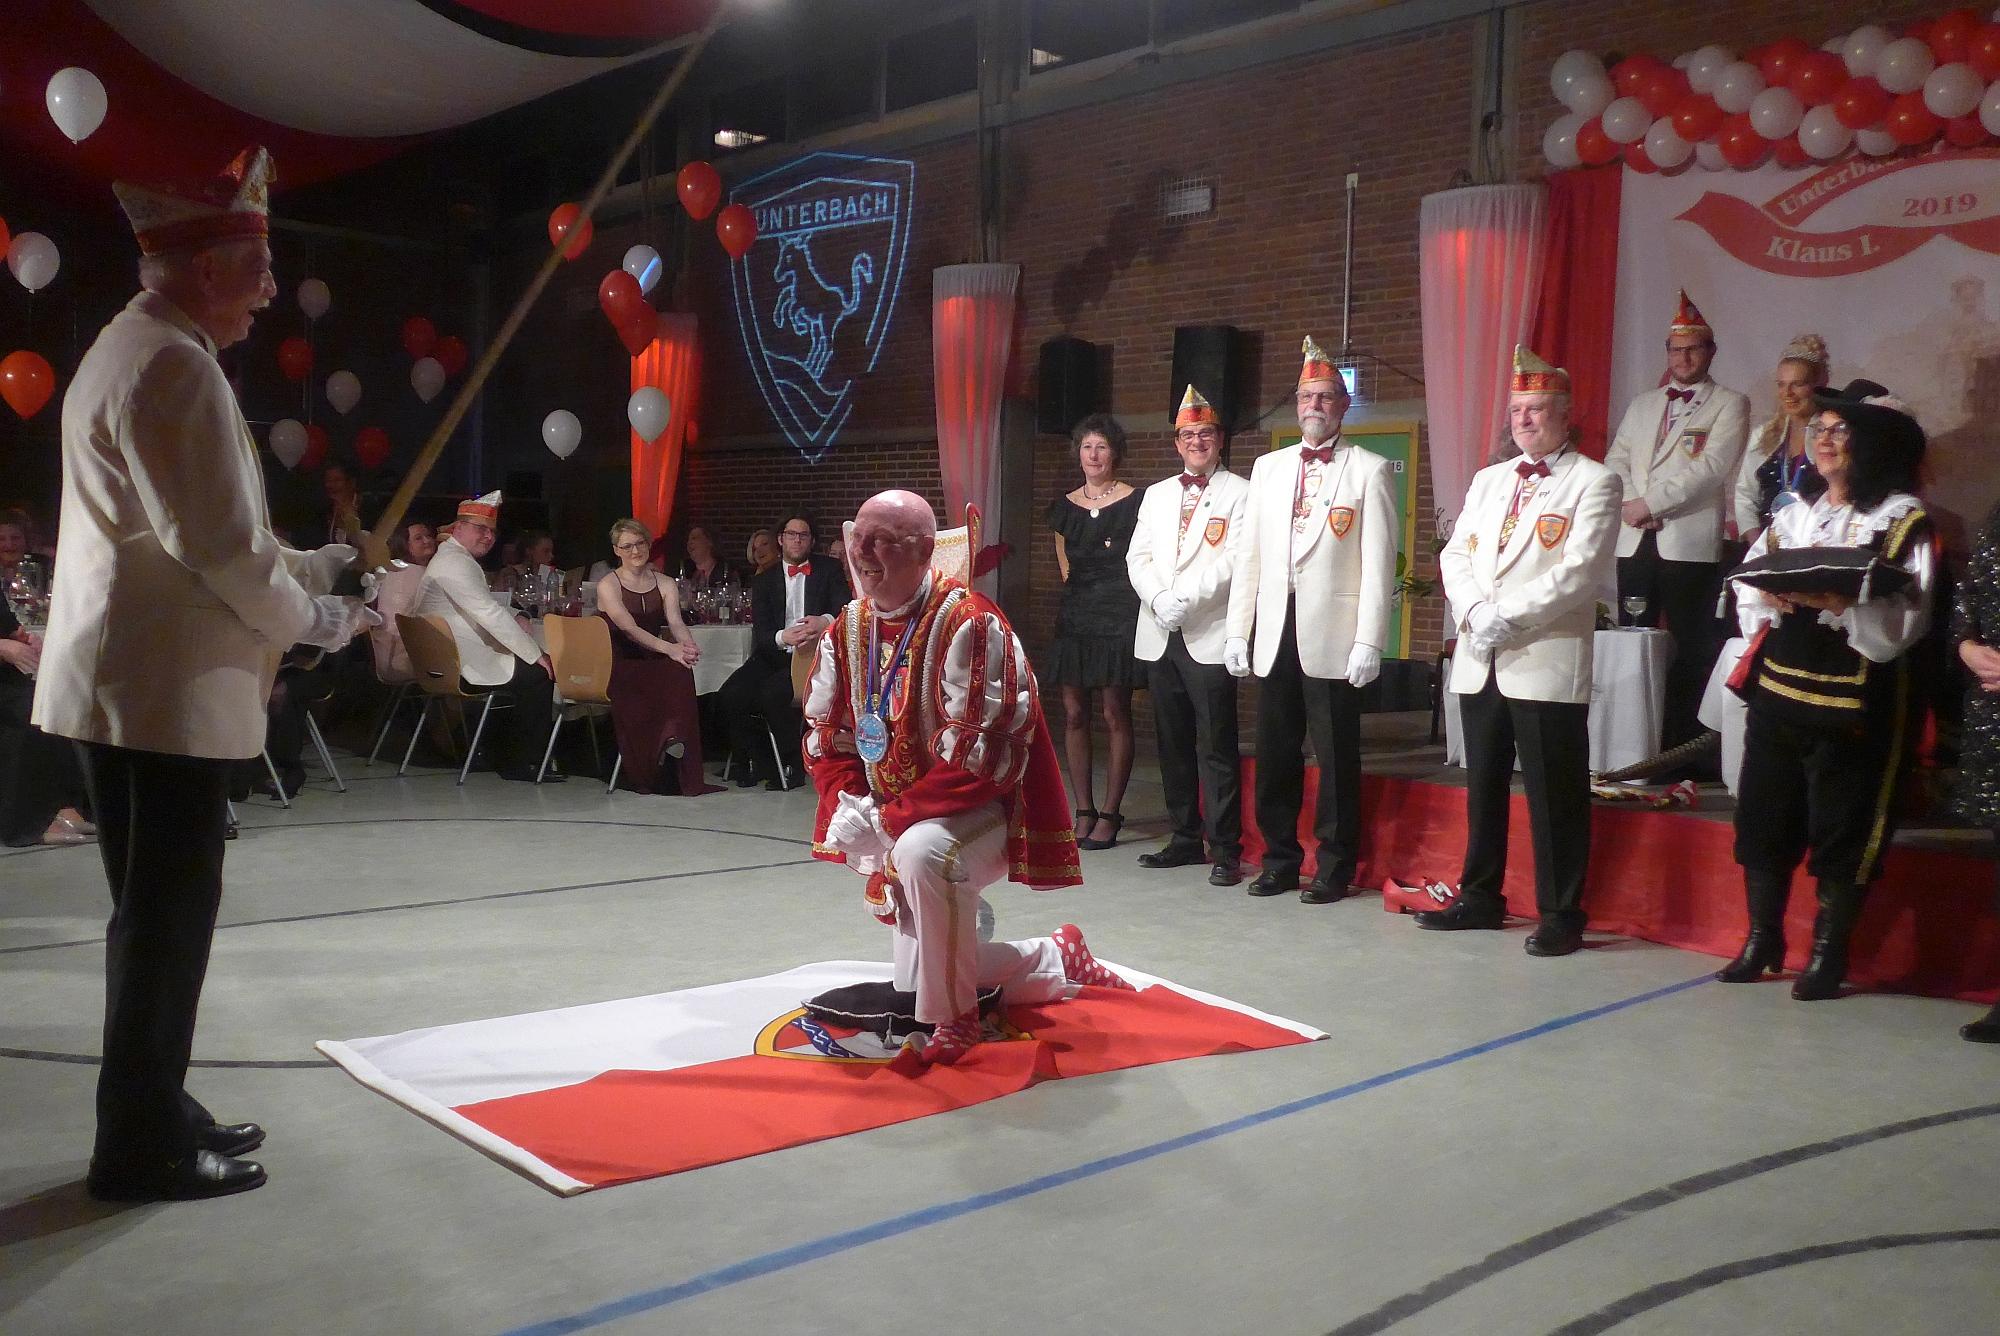 Schwertführer Elmo Keller schlägt Unterbachs Karnevalsprinzen Klaus I. Hammer zum närrischen Ritter.